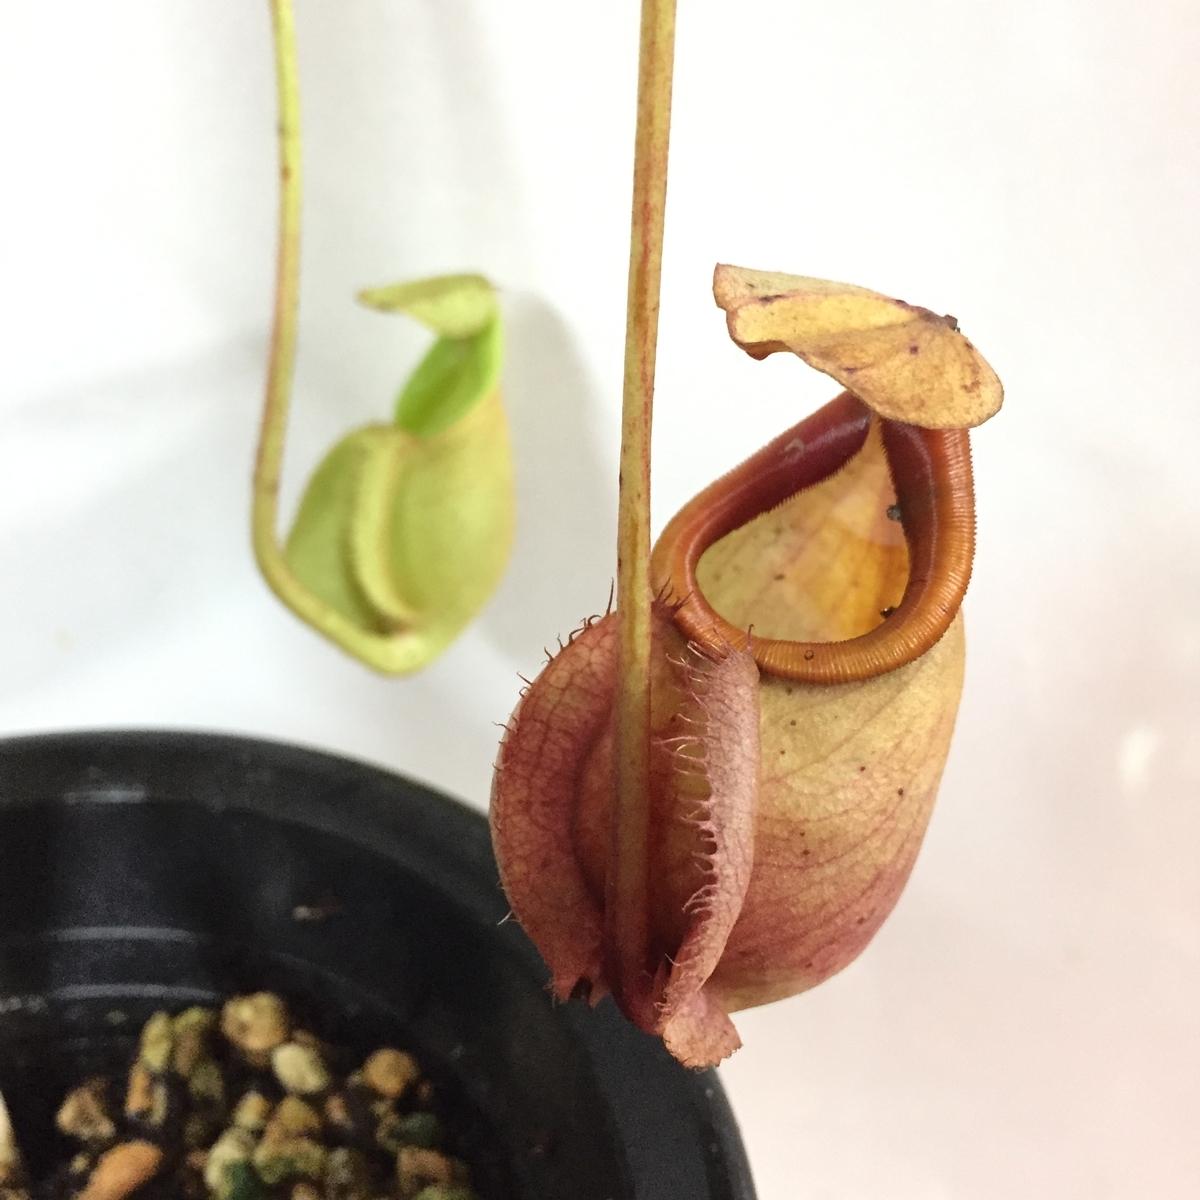 f:id:pitcherplant:20191112120436j:plain